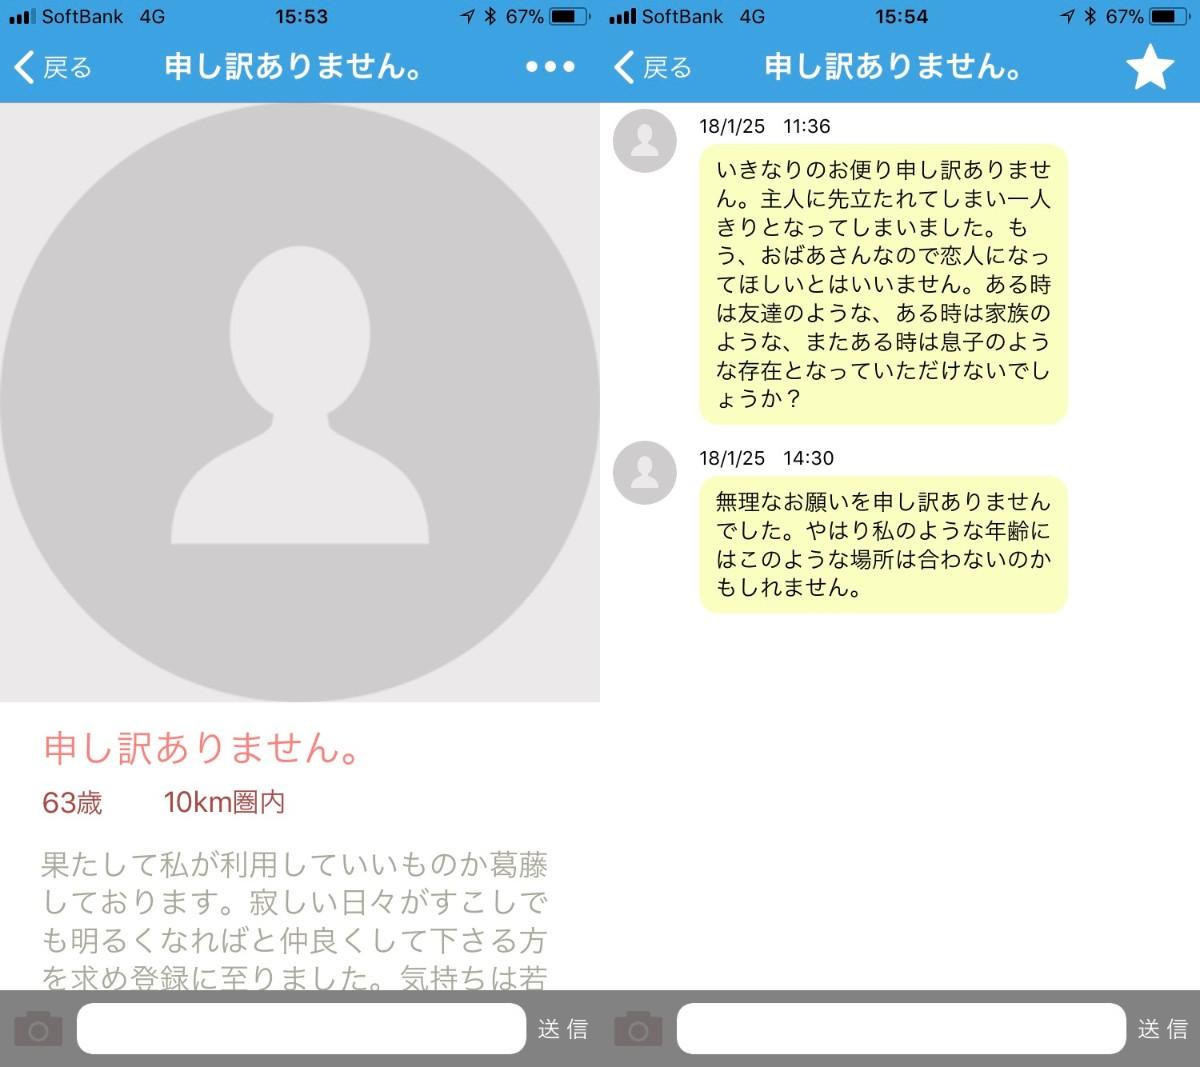 詐欺アプリ出会い系「スマフレ」サクラの申し訳ありません。